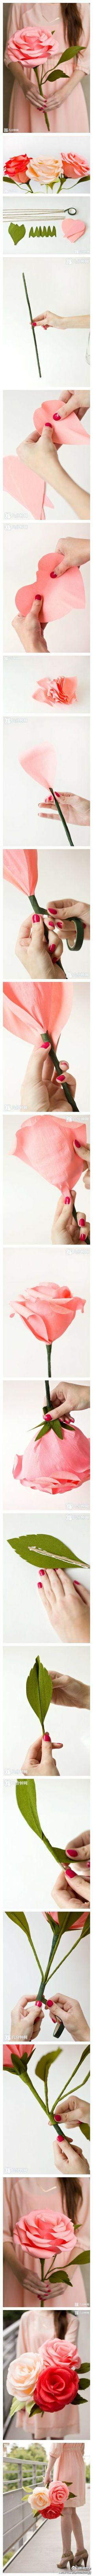 教你手工制作巨型纸玫瑰,很漂亮,很不错哦~(转)